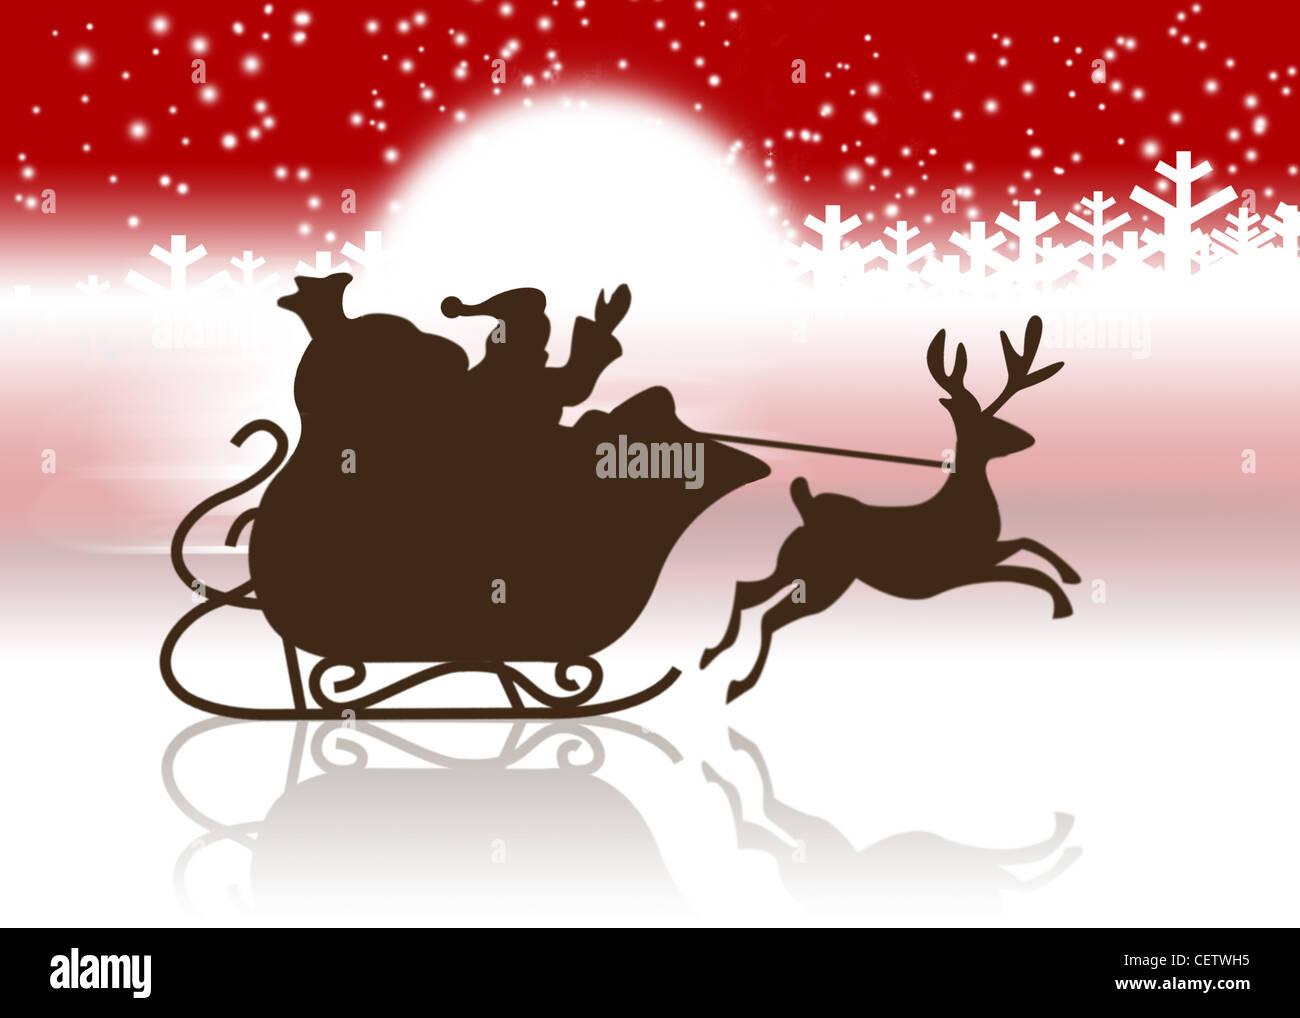 silhouette de p re no l et renne tra neau banque d 39 images photo stock 43572849 alamy. Black Bedroom Furniture Sets. Home Design Ideas